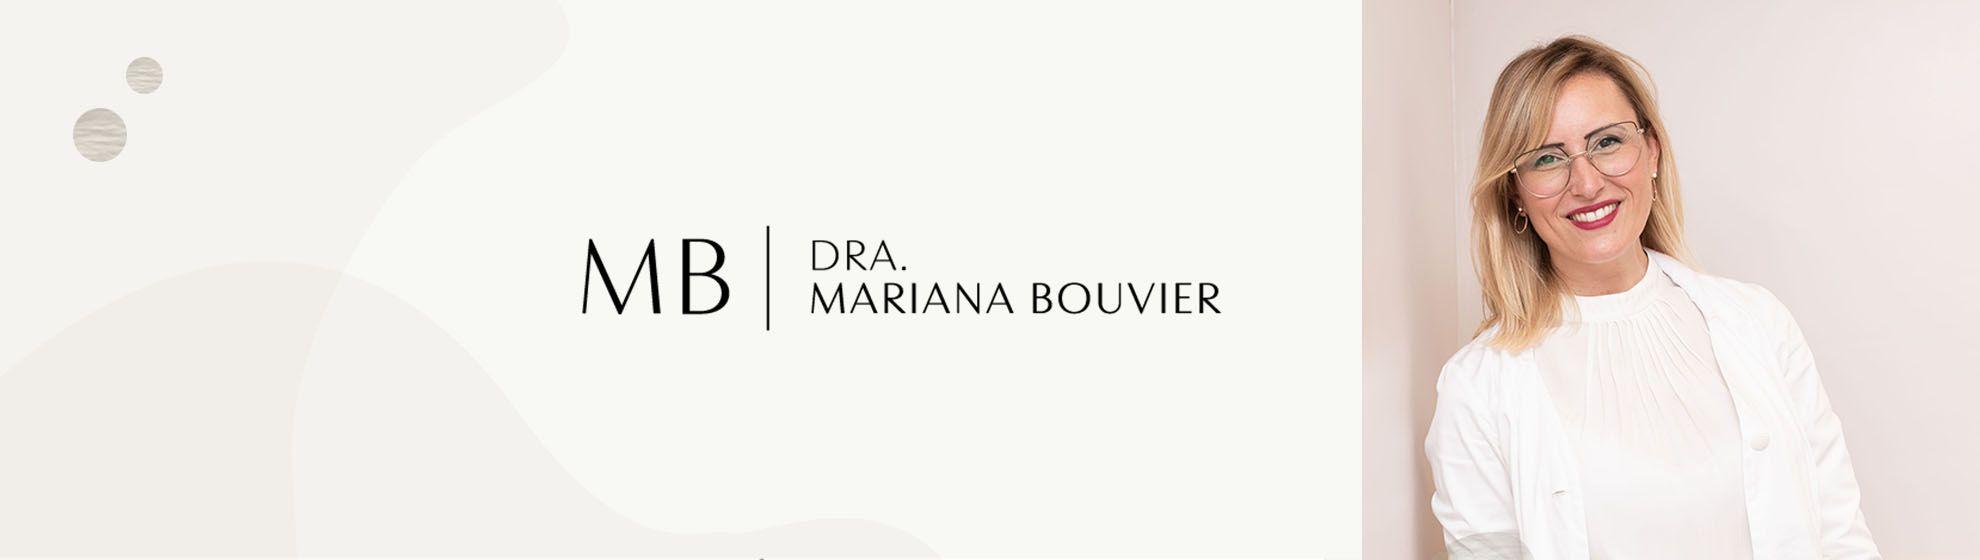 Dra. Mariana Bouvier